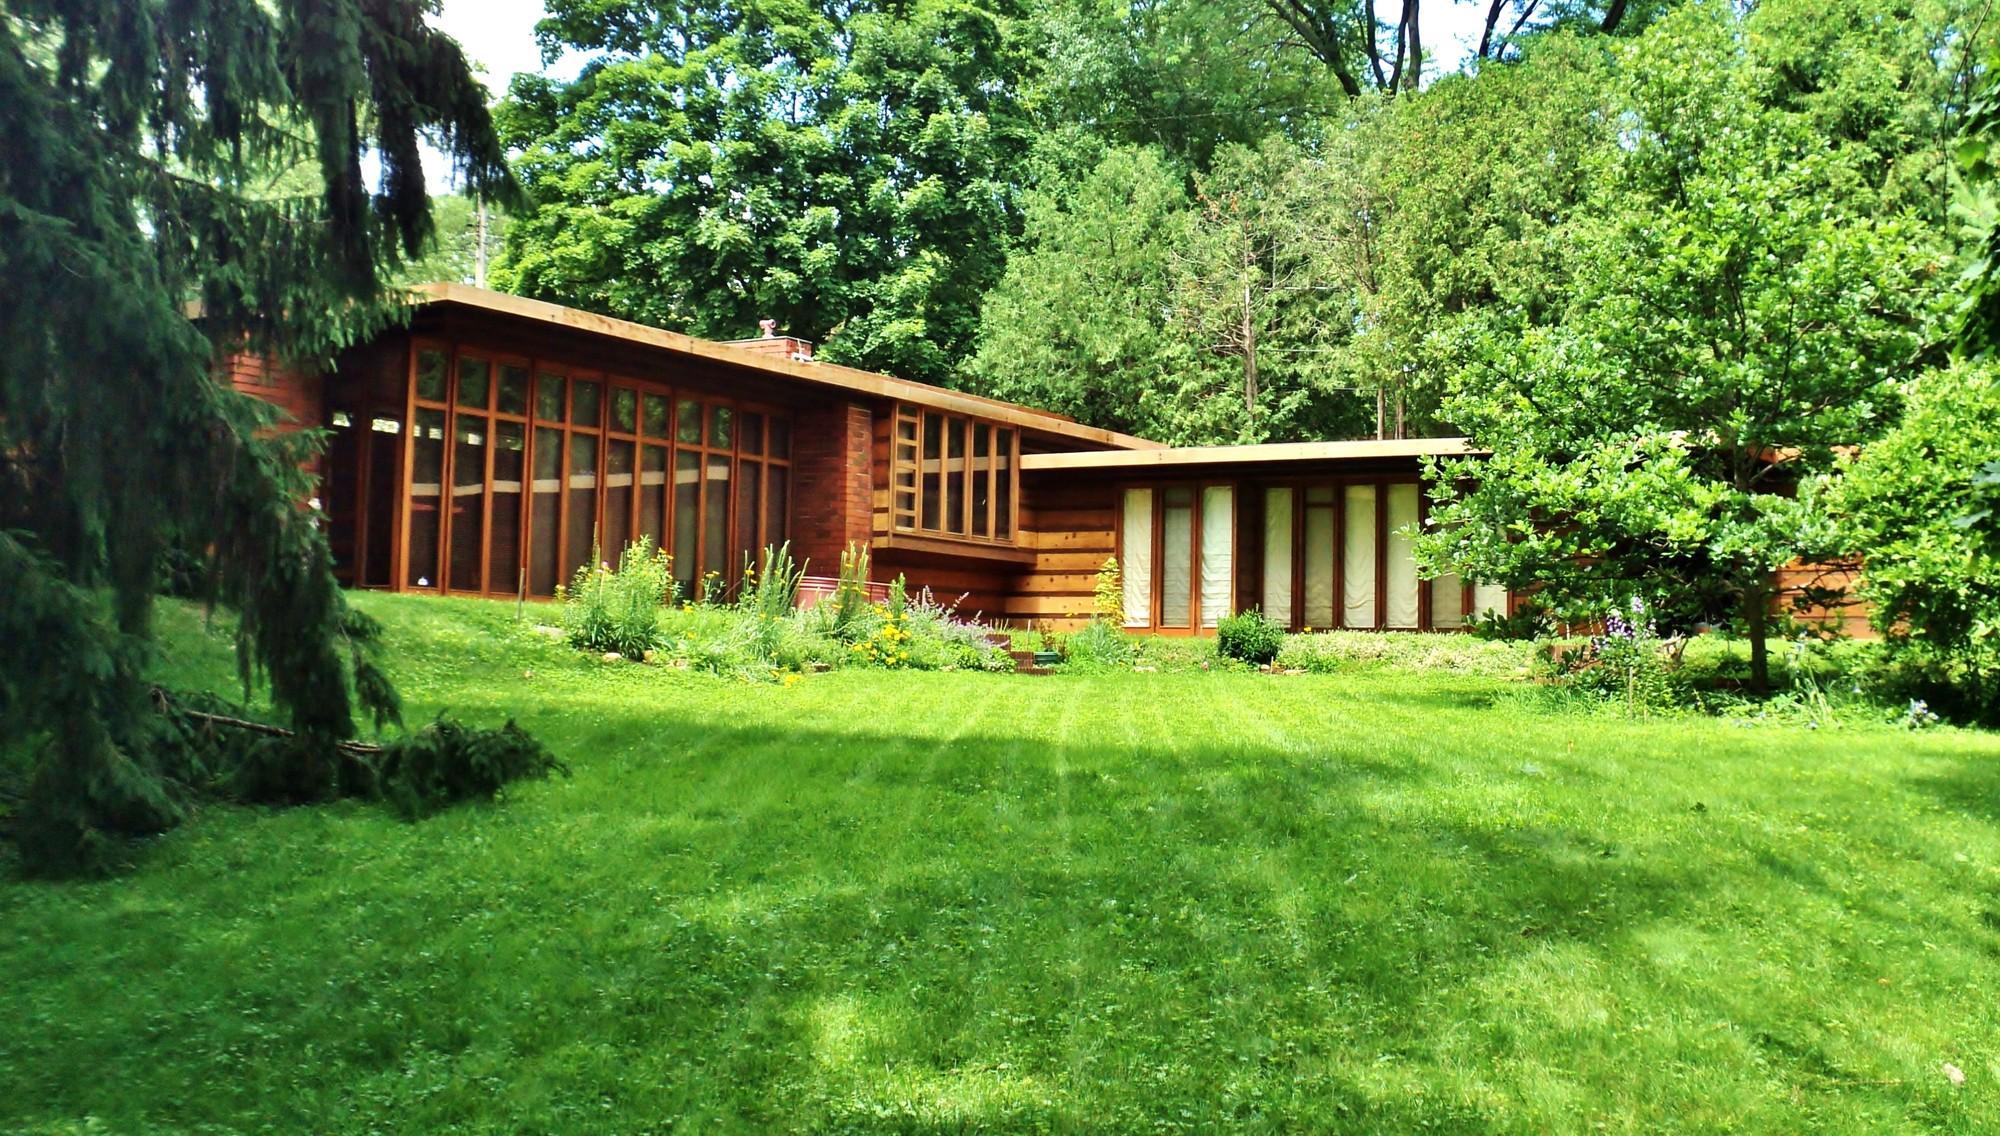 Diez Obras De Frank Lloyd Wright Nominadas Para La Lista